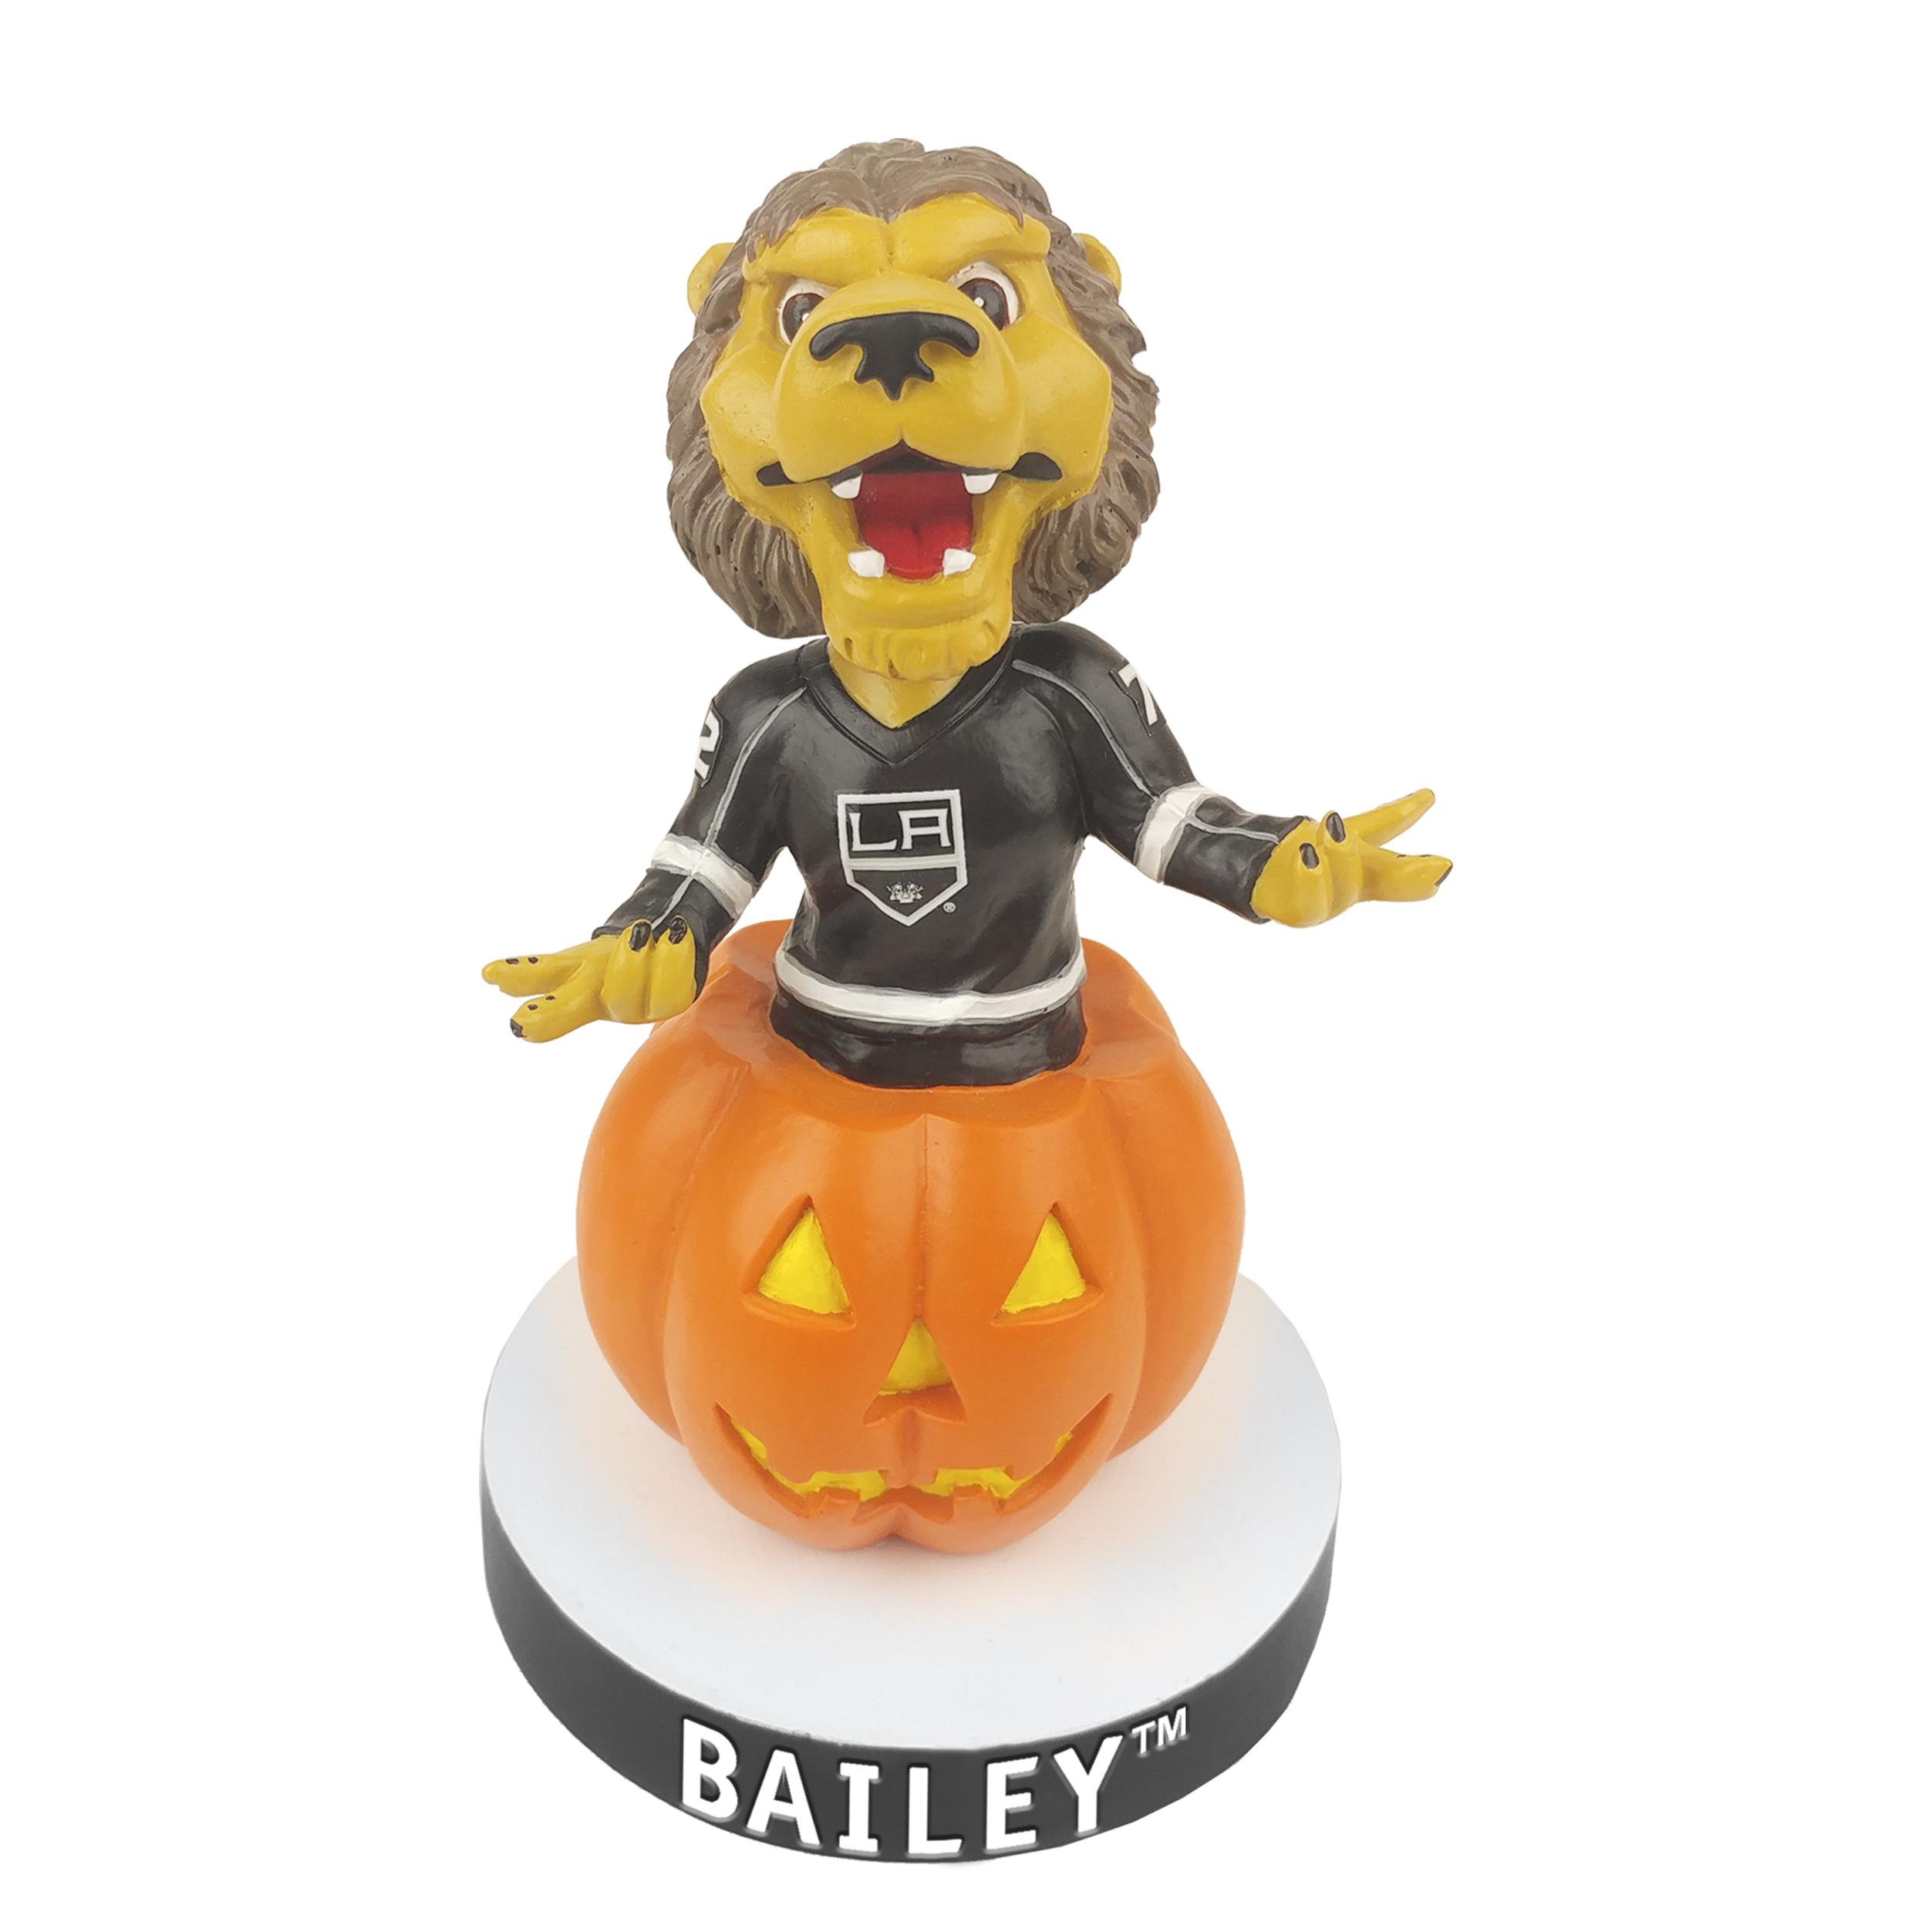 Bailey Halloween Bobblehead